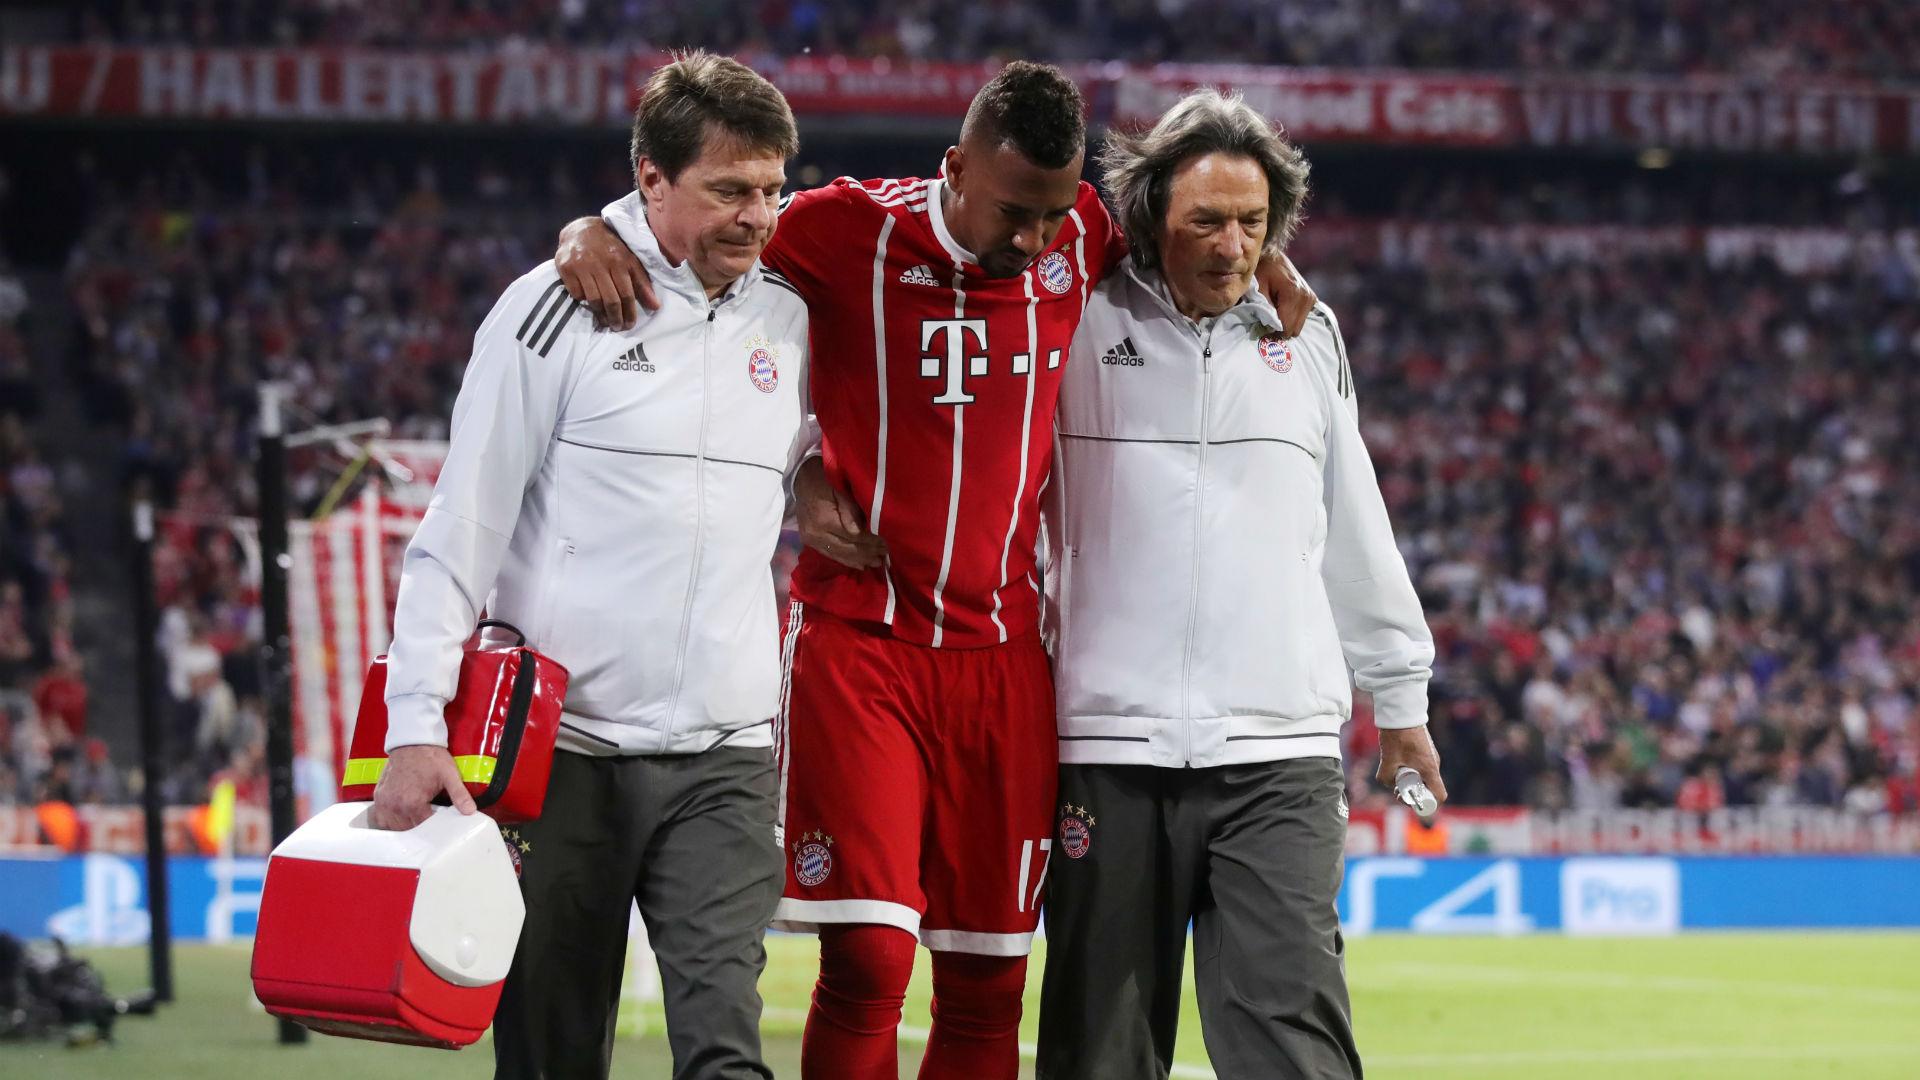 Jerome Boateng Bayern Munich Real Madrid Champions League